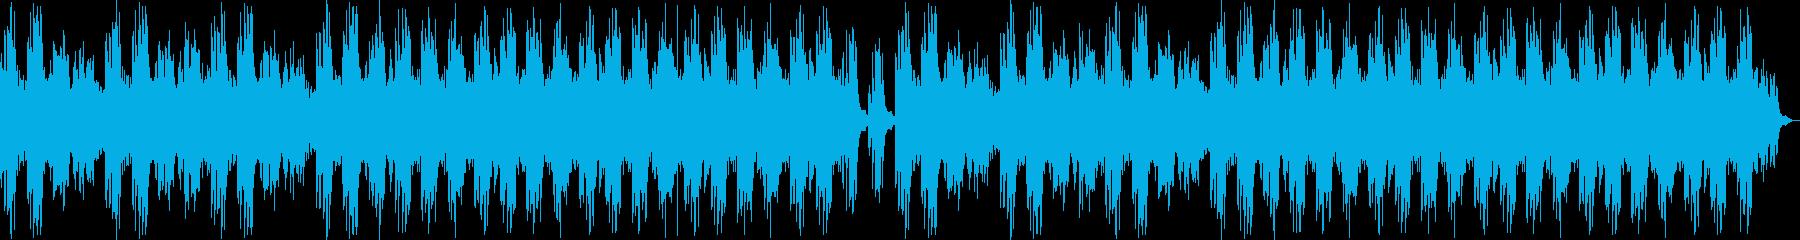 幻想的なピアノのリラクゼーション曲の再生済みの波形